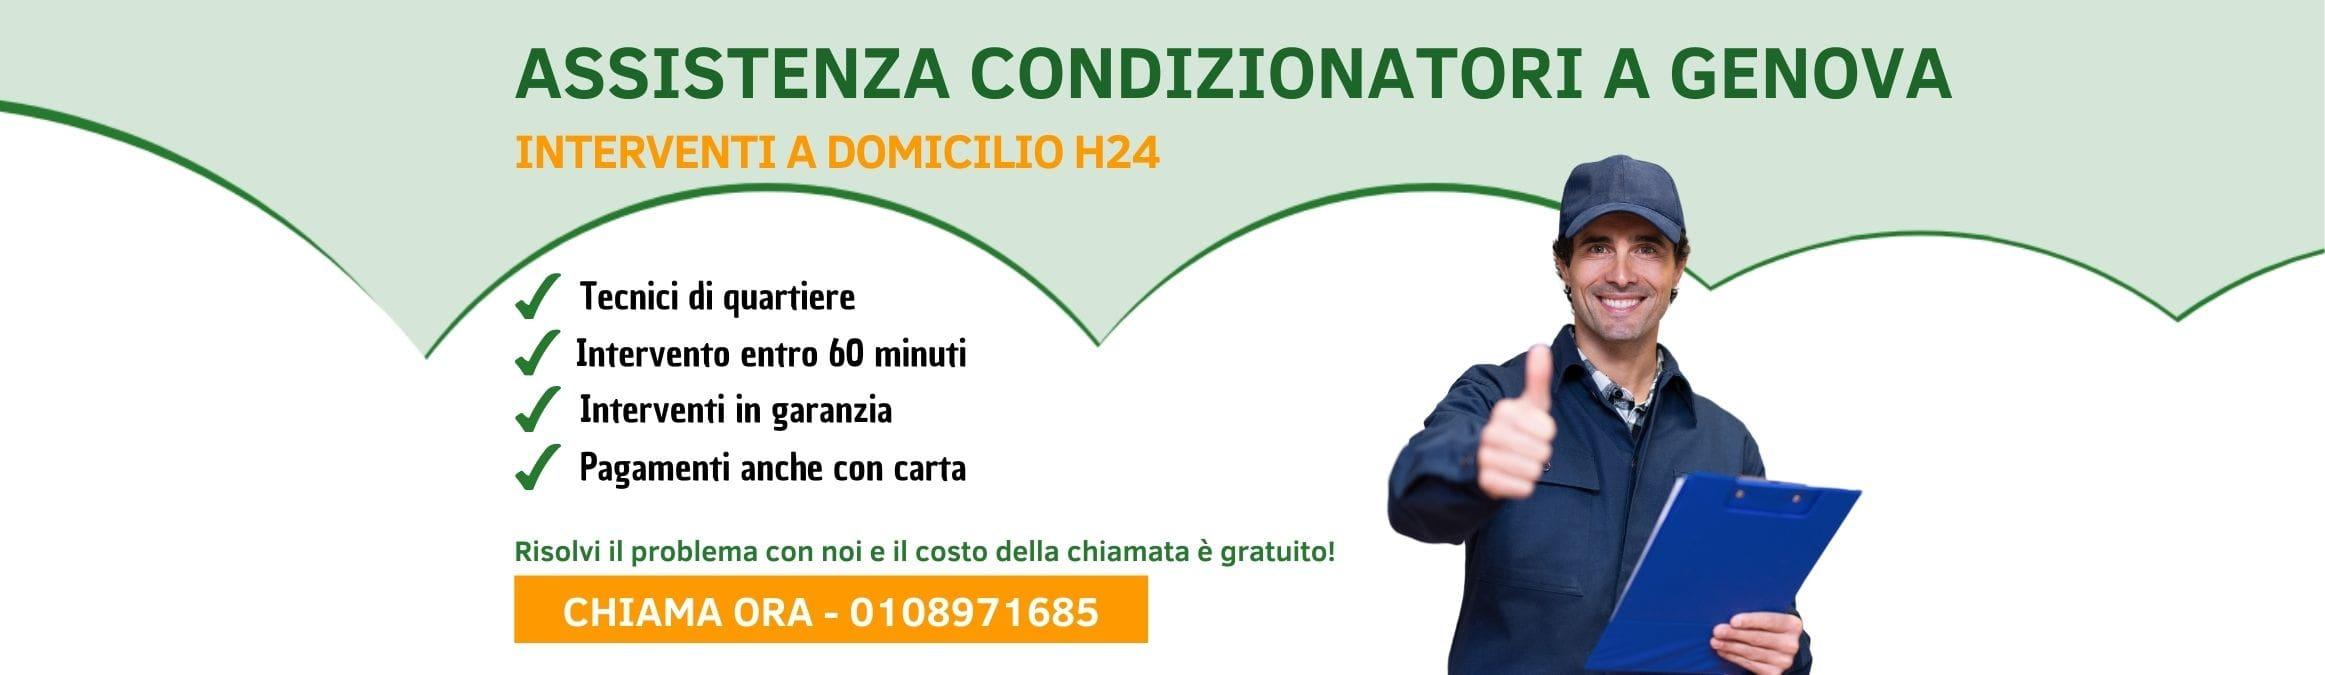 Assistenza Condizionatori e Climatizzatori Genova